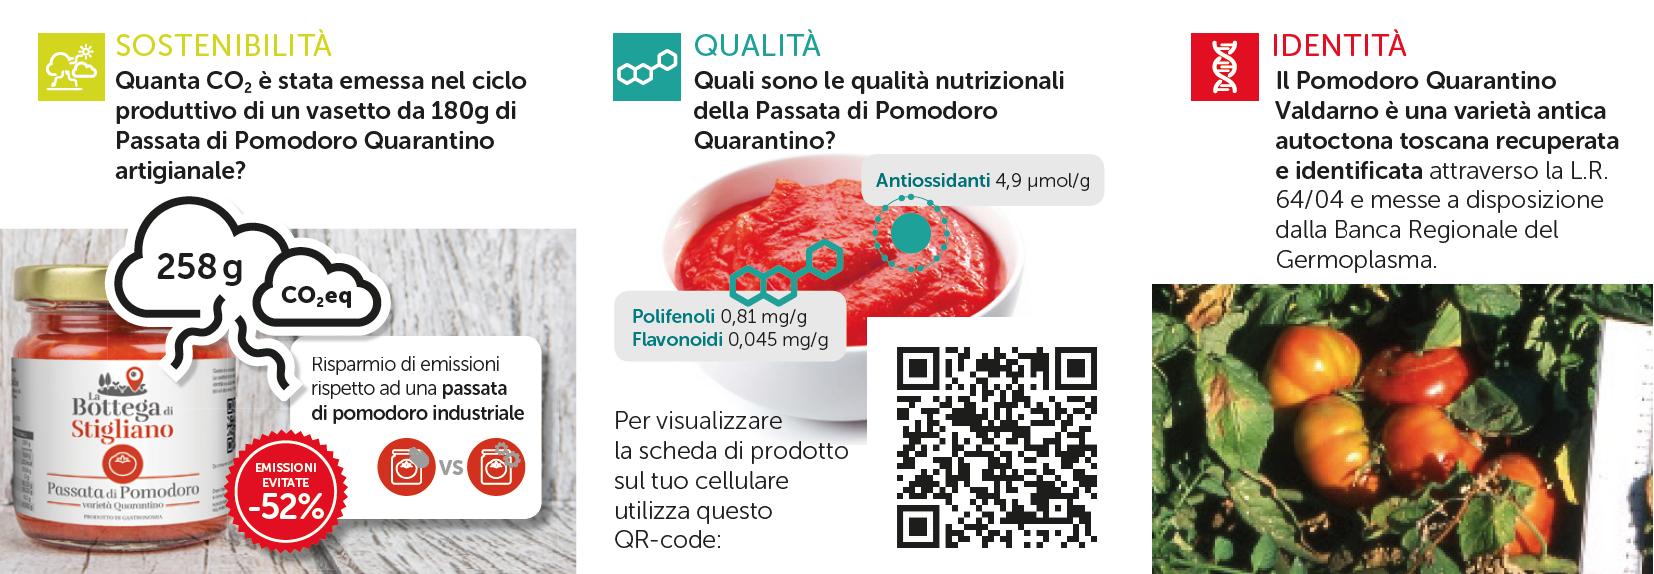 basiq-et_pom-quarantino